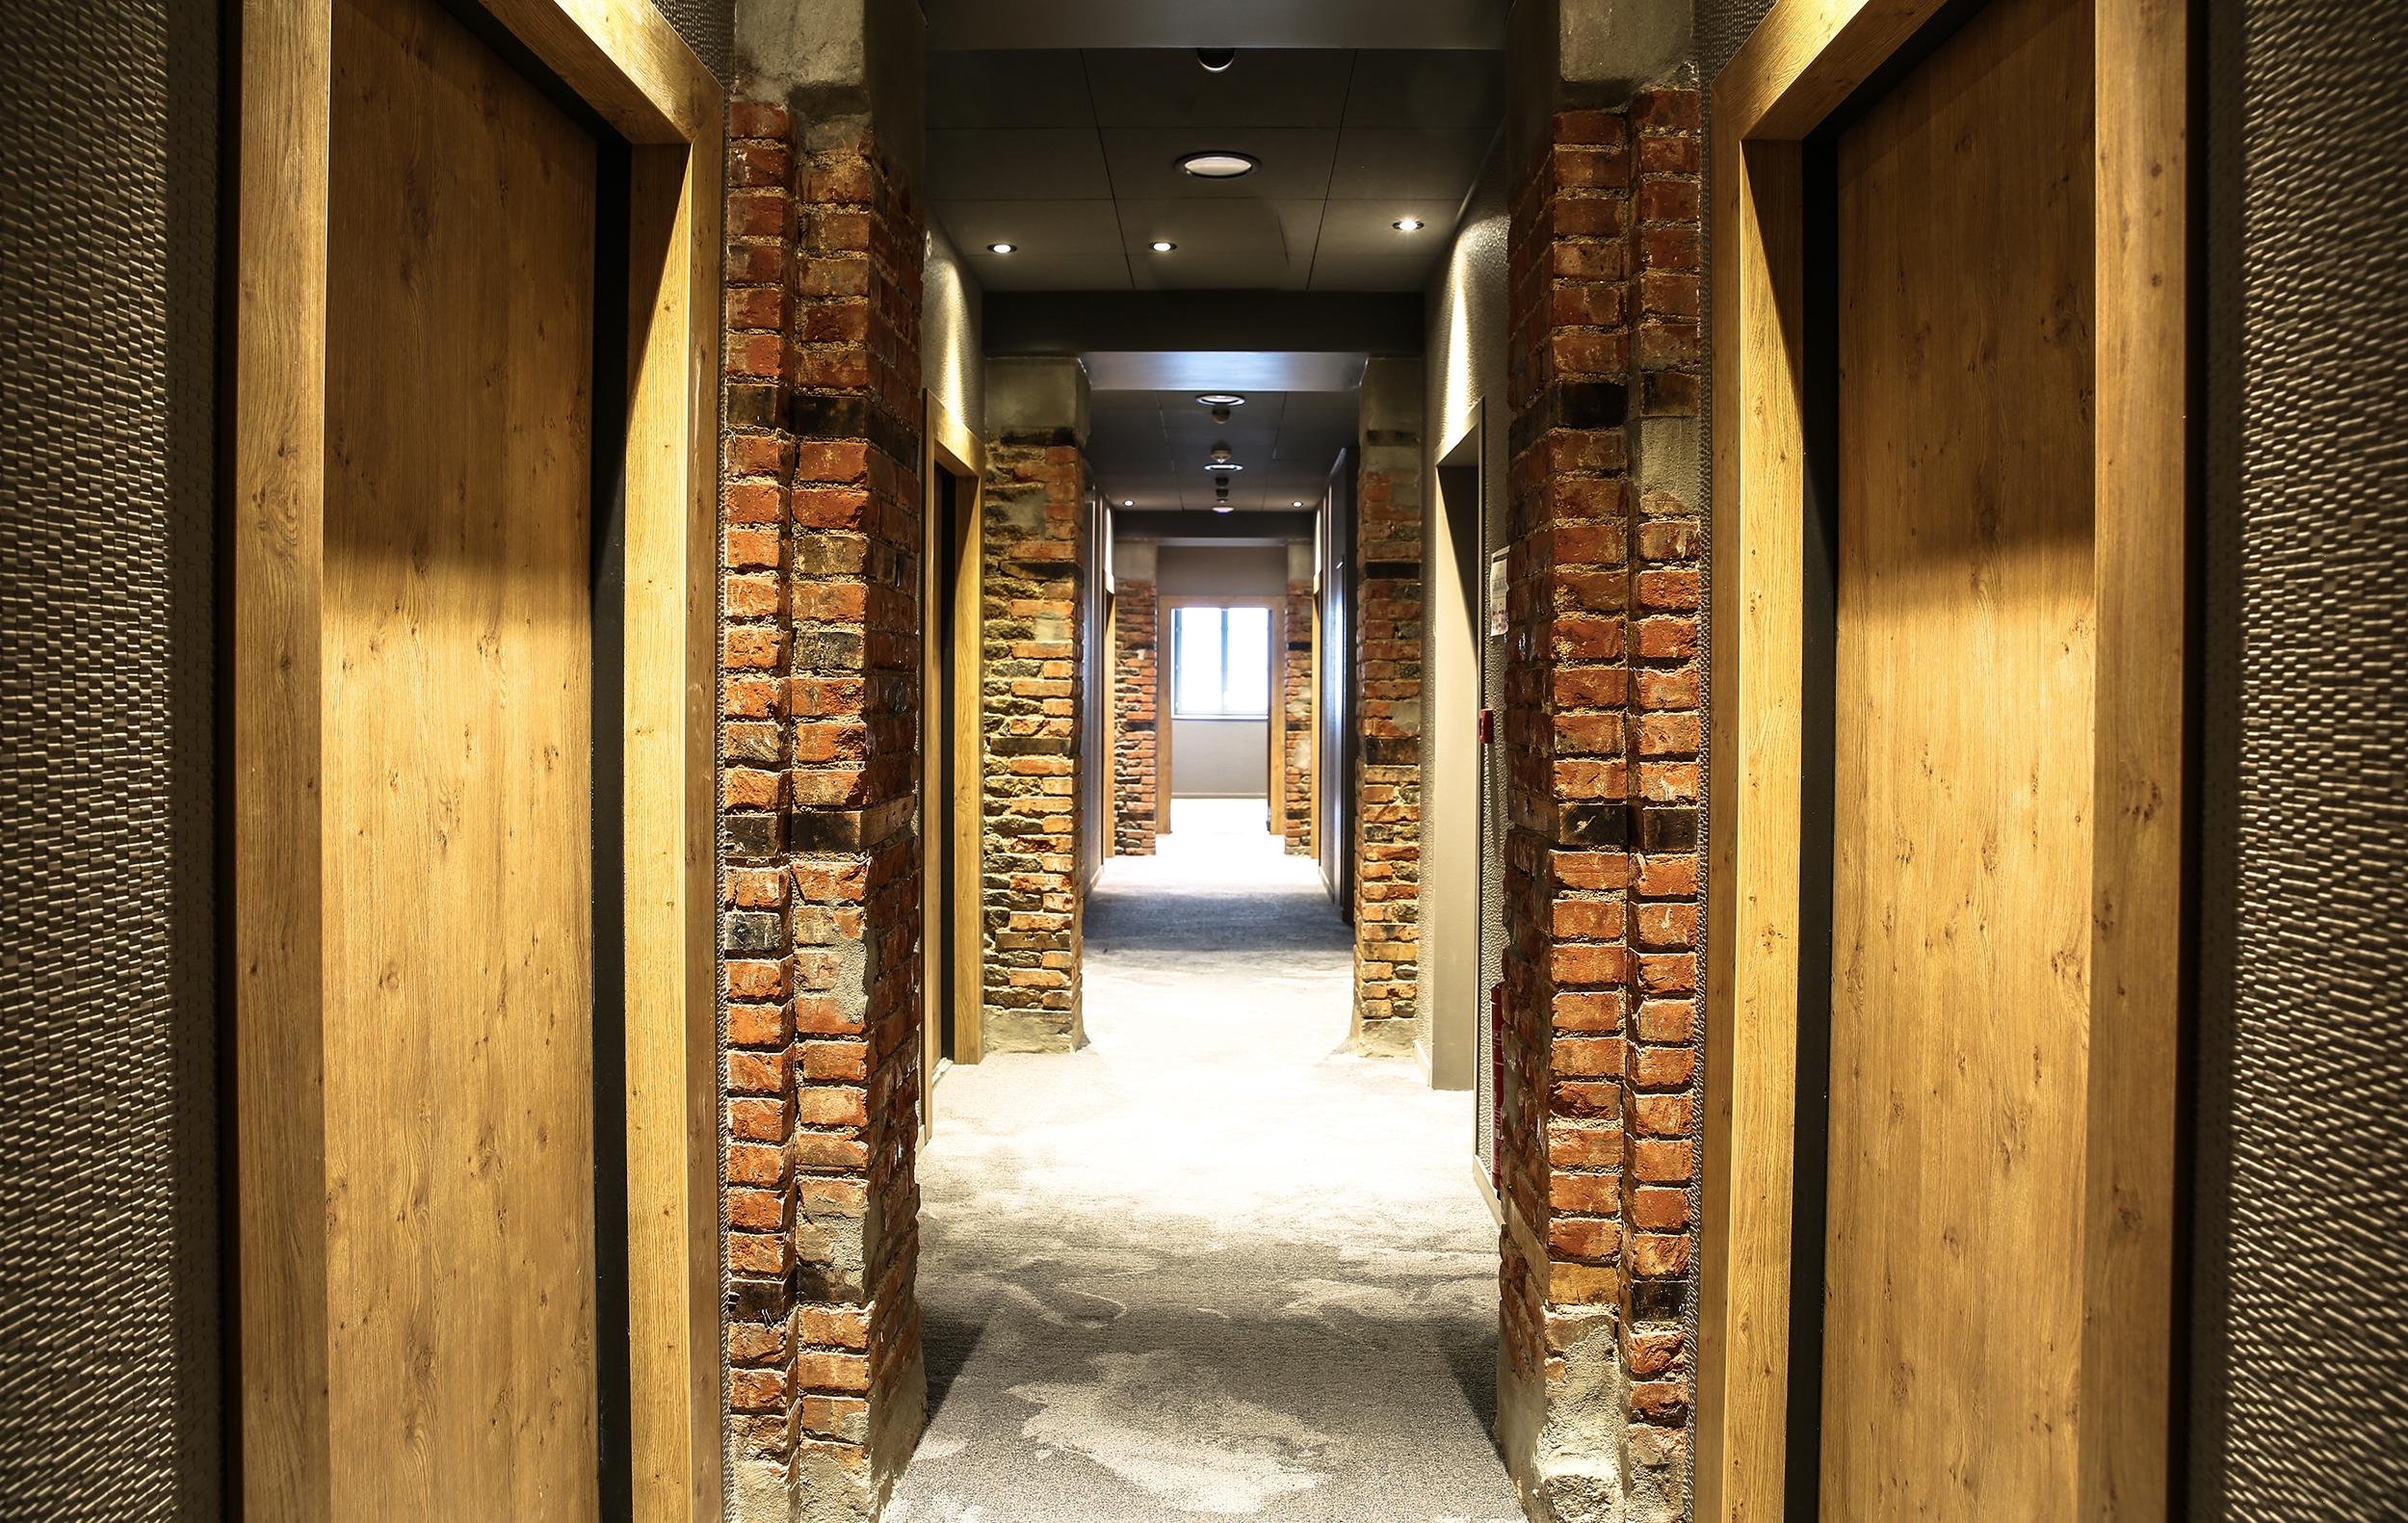 couloirs novotel st brieuc bouteilles- solutions agencement